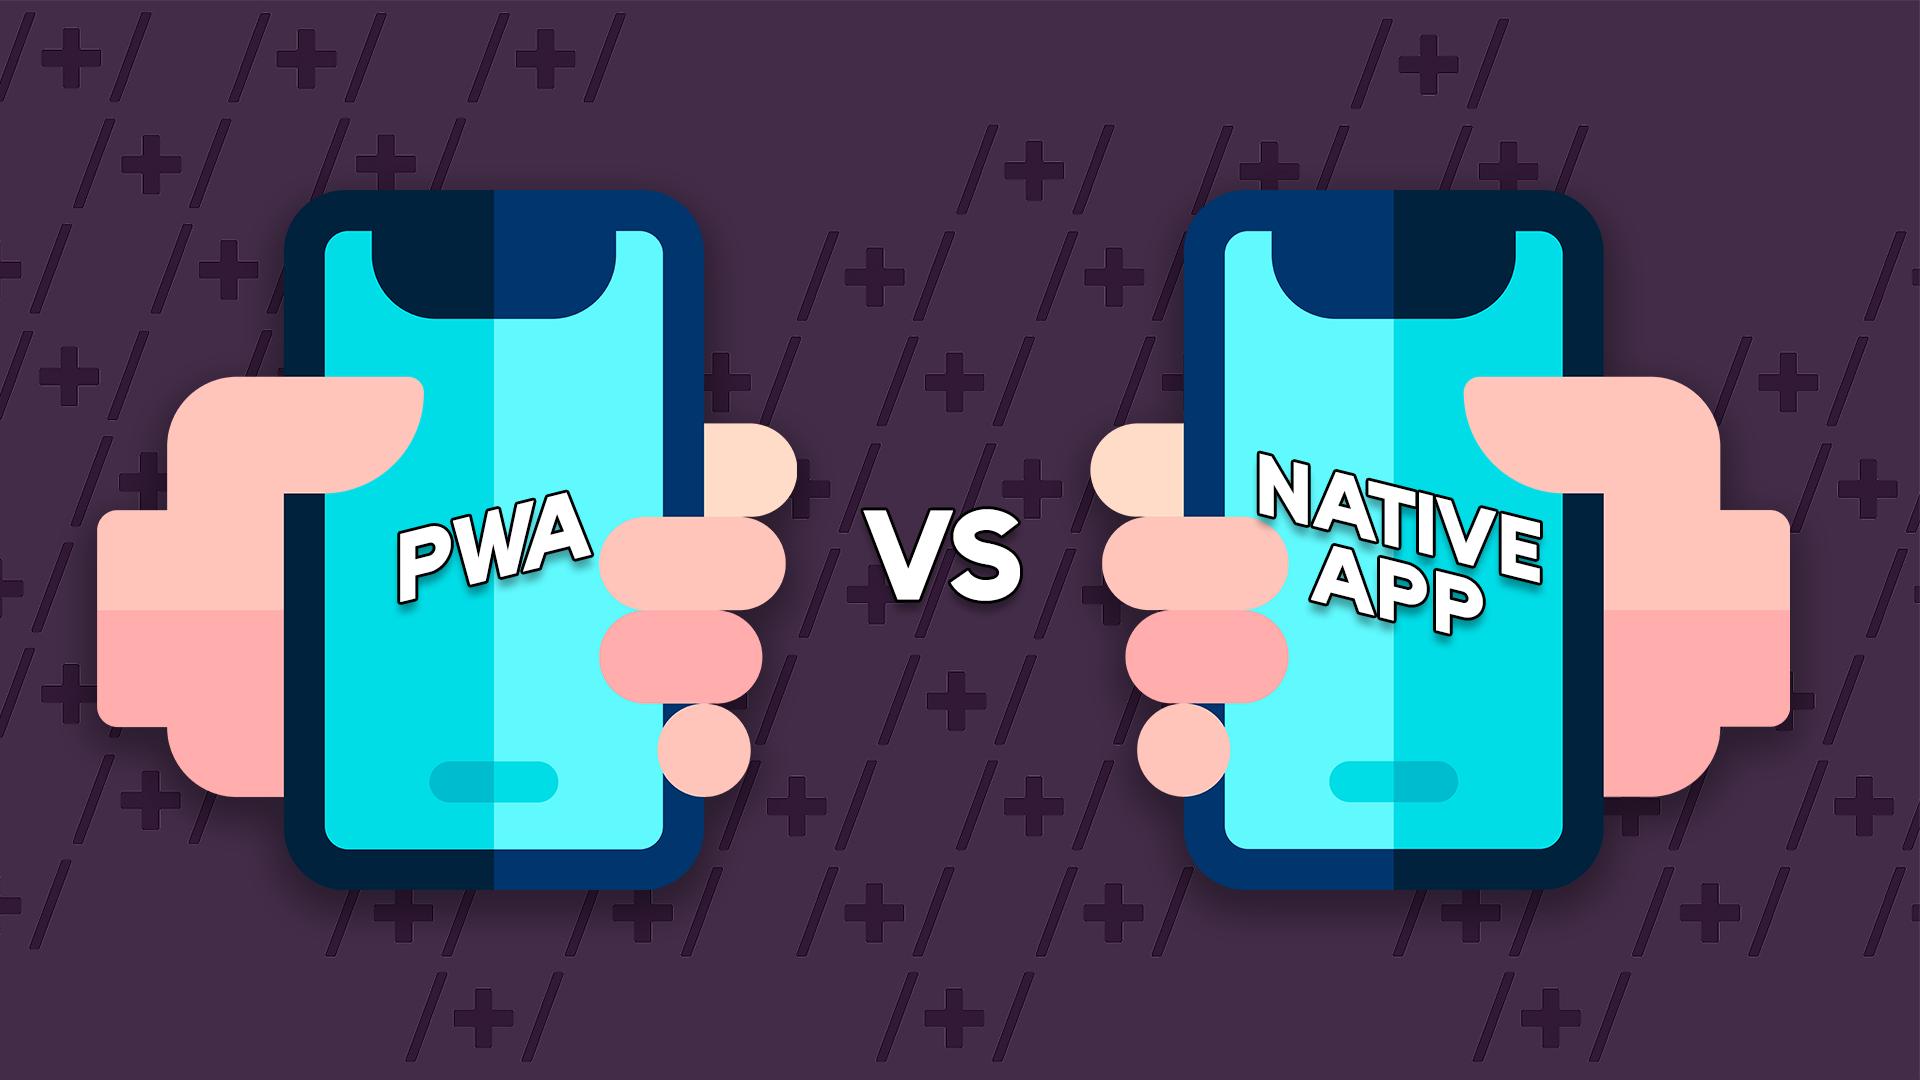 PWA vs. Native App